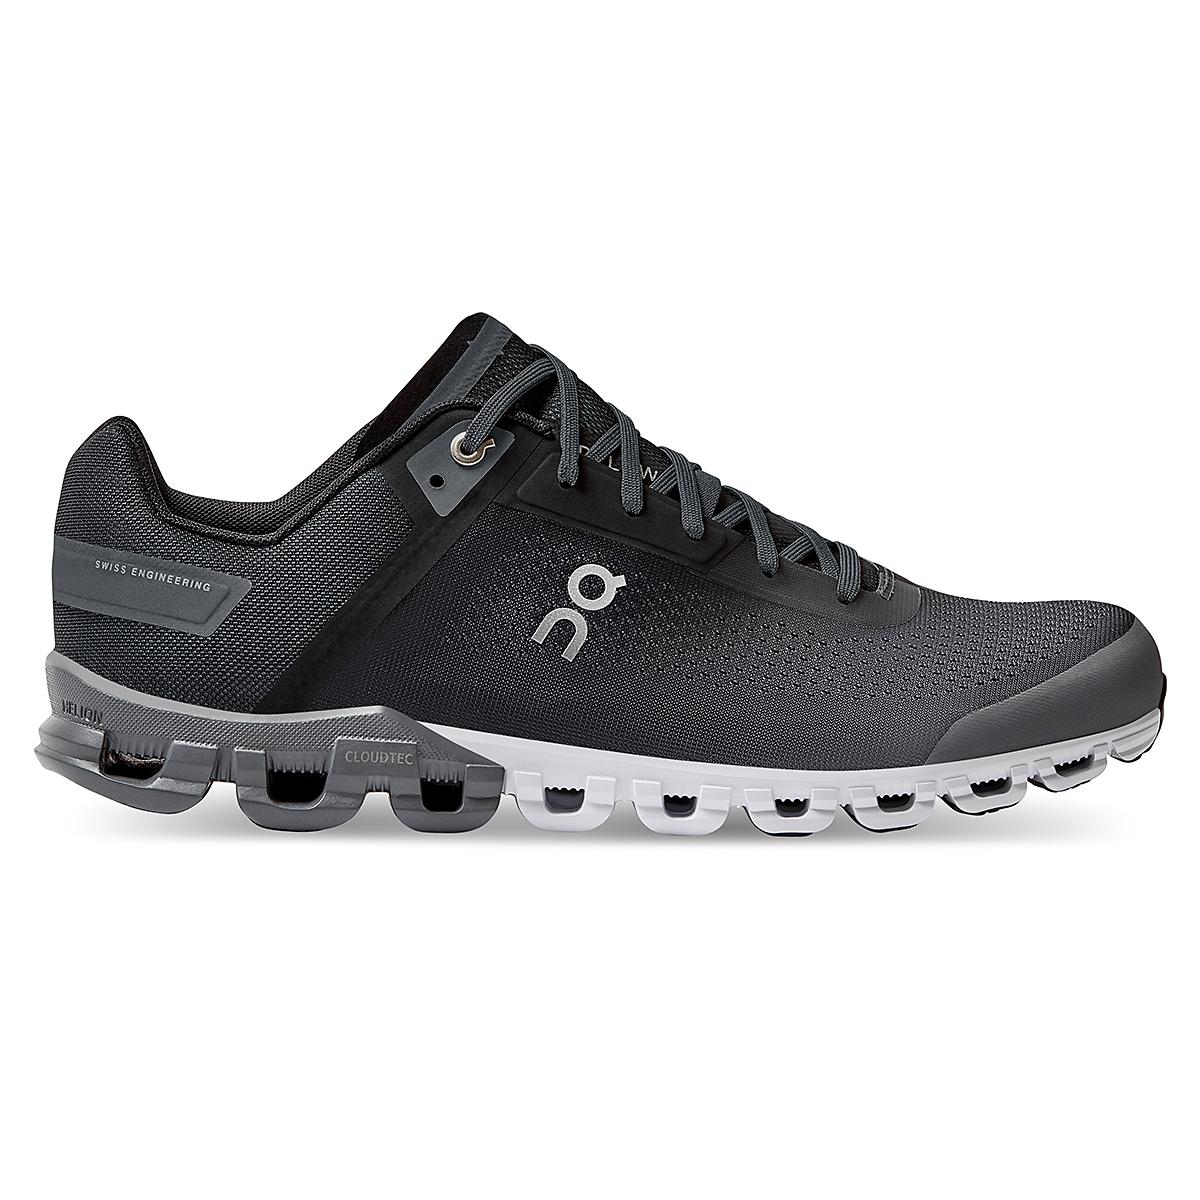 Men's On Cloudflow 3.0 Running Shoe - Color: Black/Asphalt - Size: 7 - Width: Regular, Black/Asphalt, large, image 1